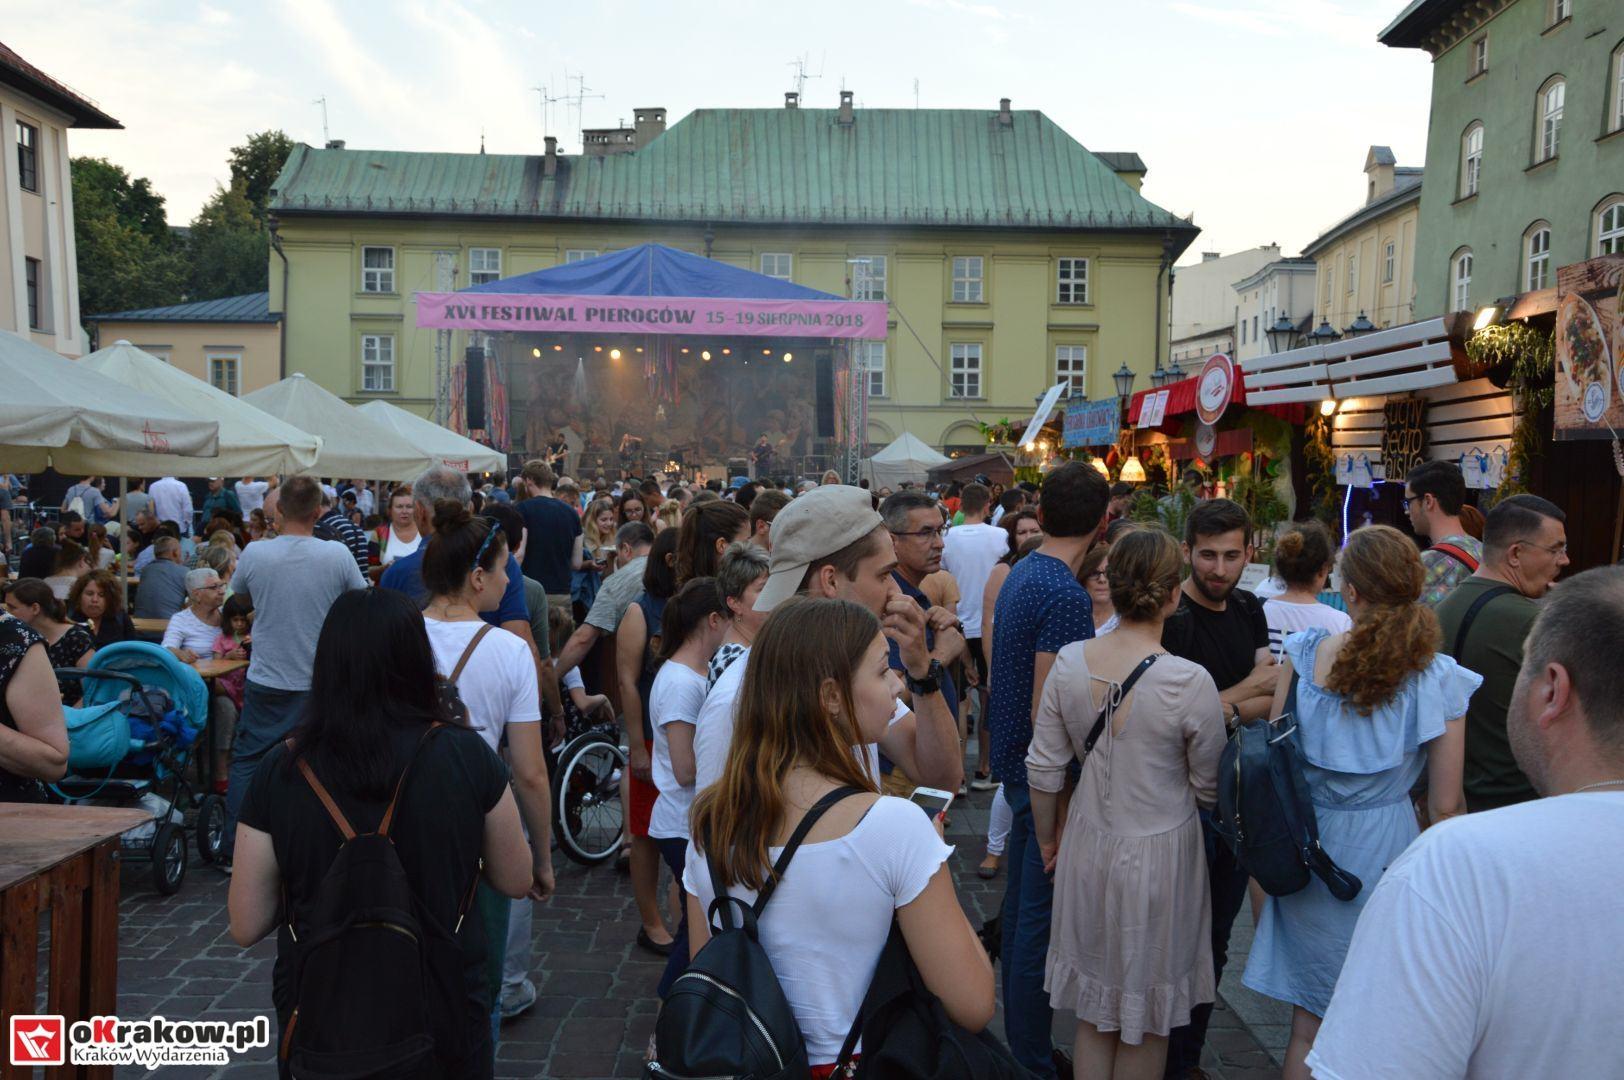 krakow festiwal pierogow maly rynek koncert cheap tobacco 136 150x150 - Galeria zdjęć Festiwal Pierogów Kraków 2018 + zdjęcia z koncertu Cheap Tobacco